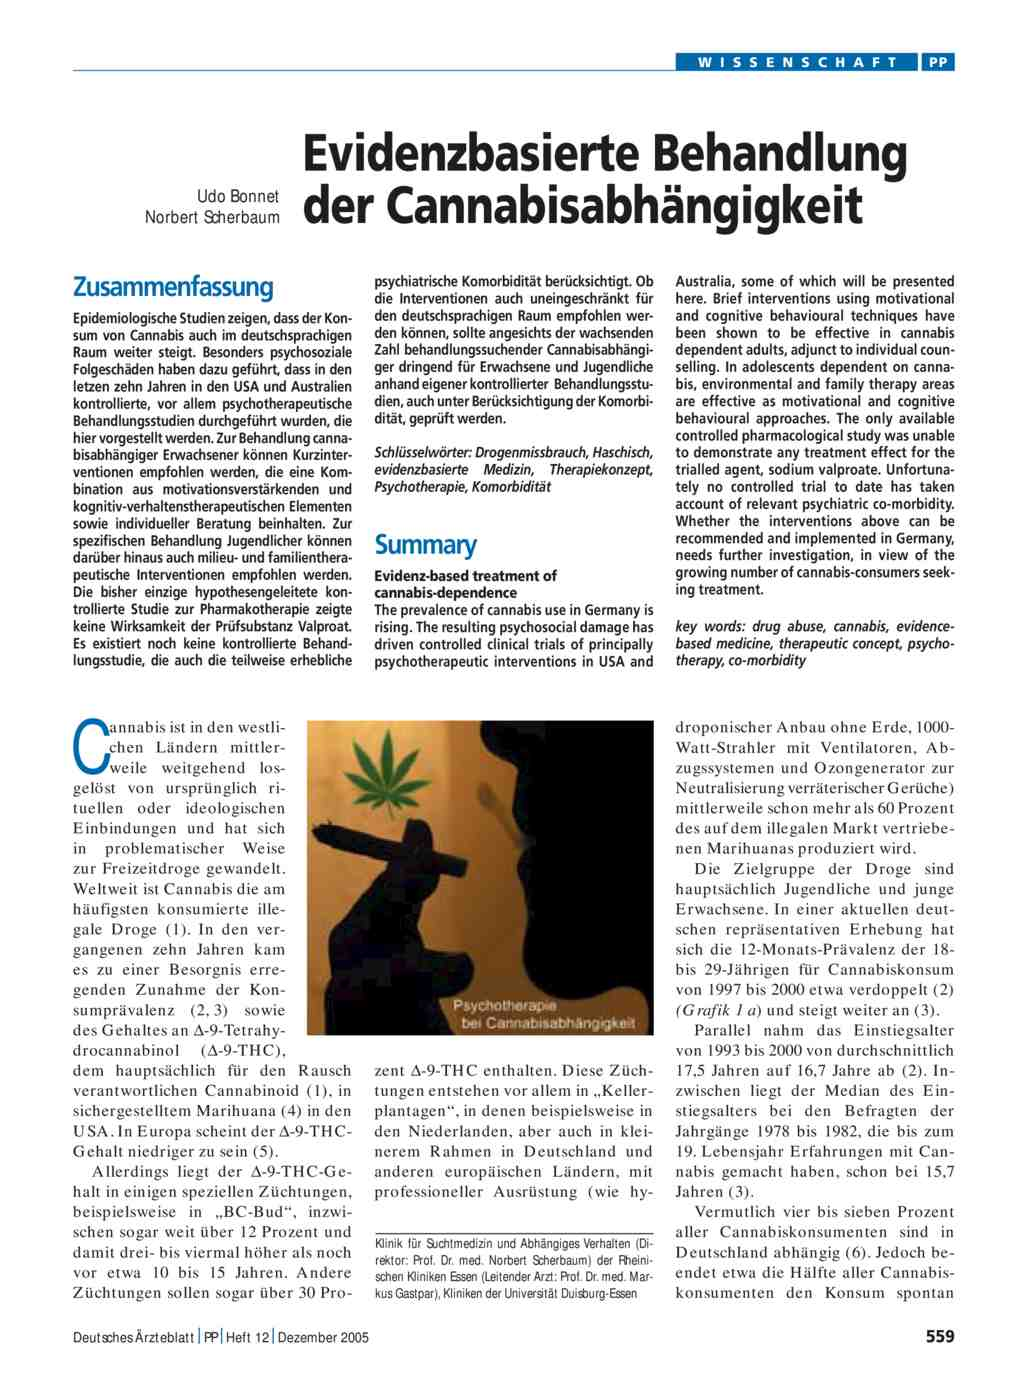 Evidenzbasierte Behandlung der Cannabisabhängigkeit